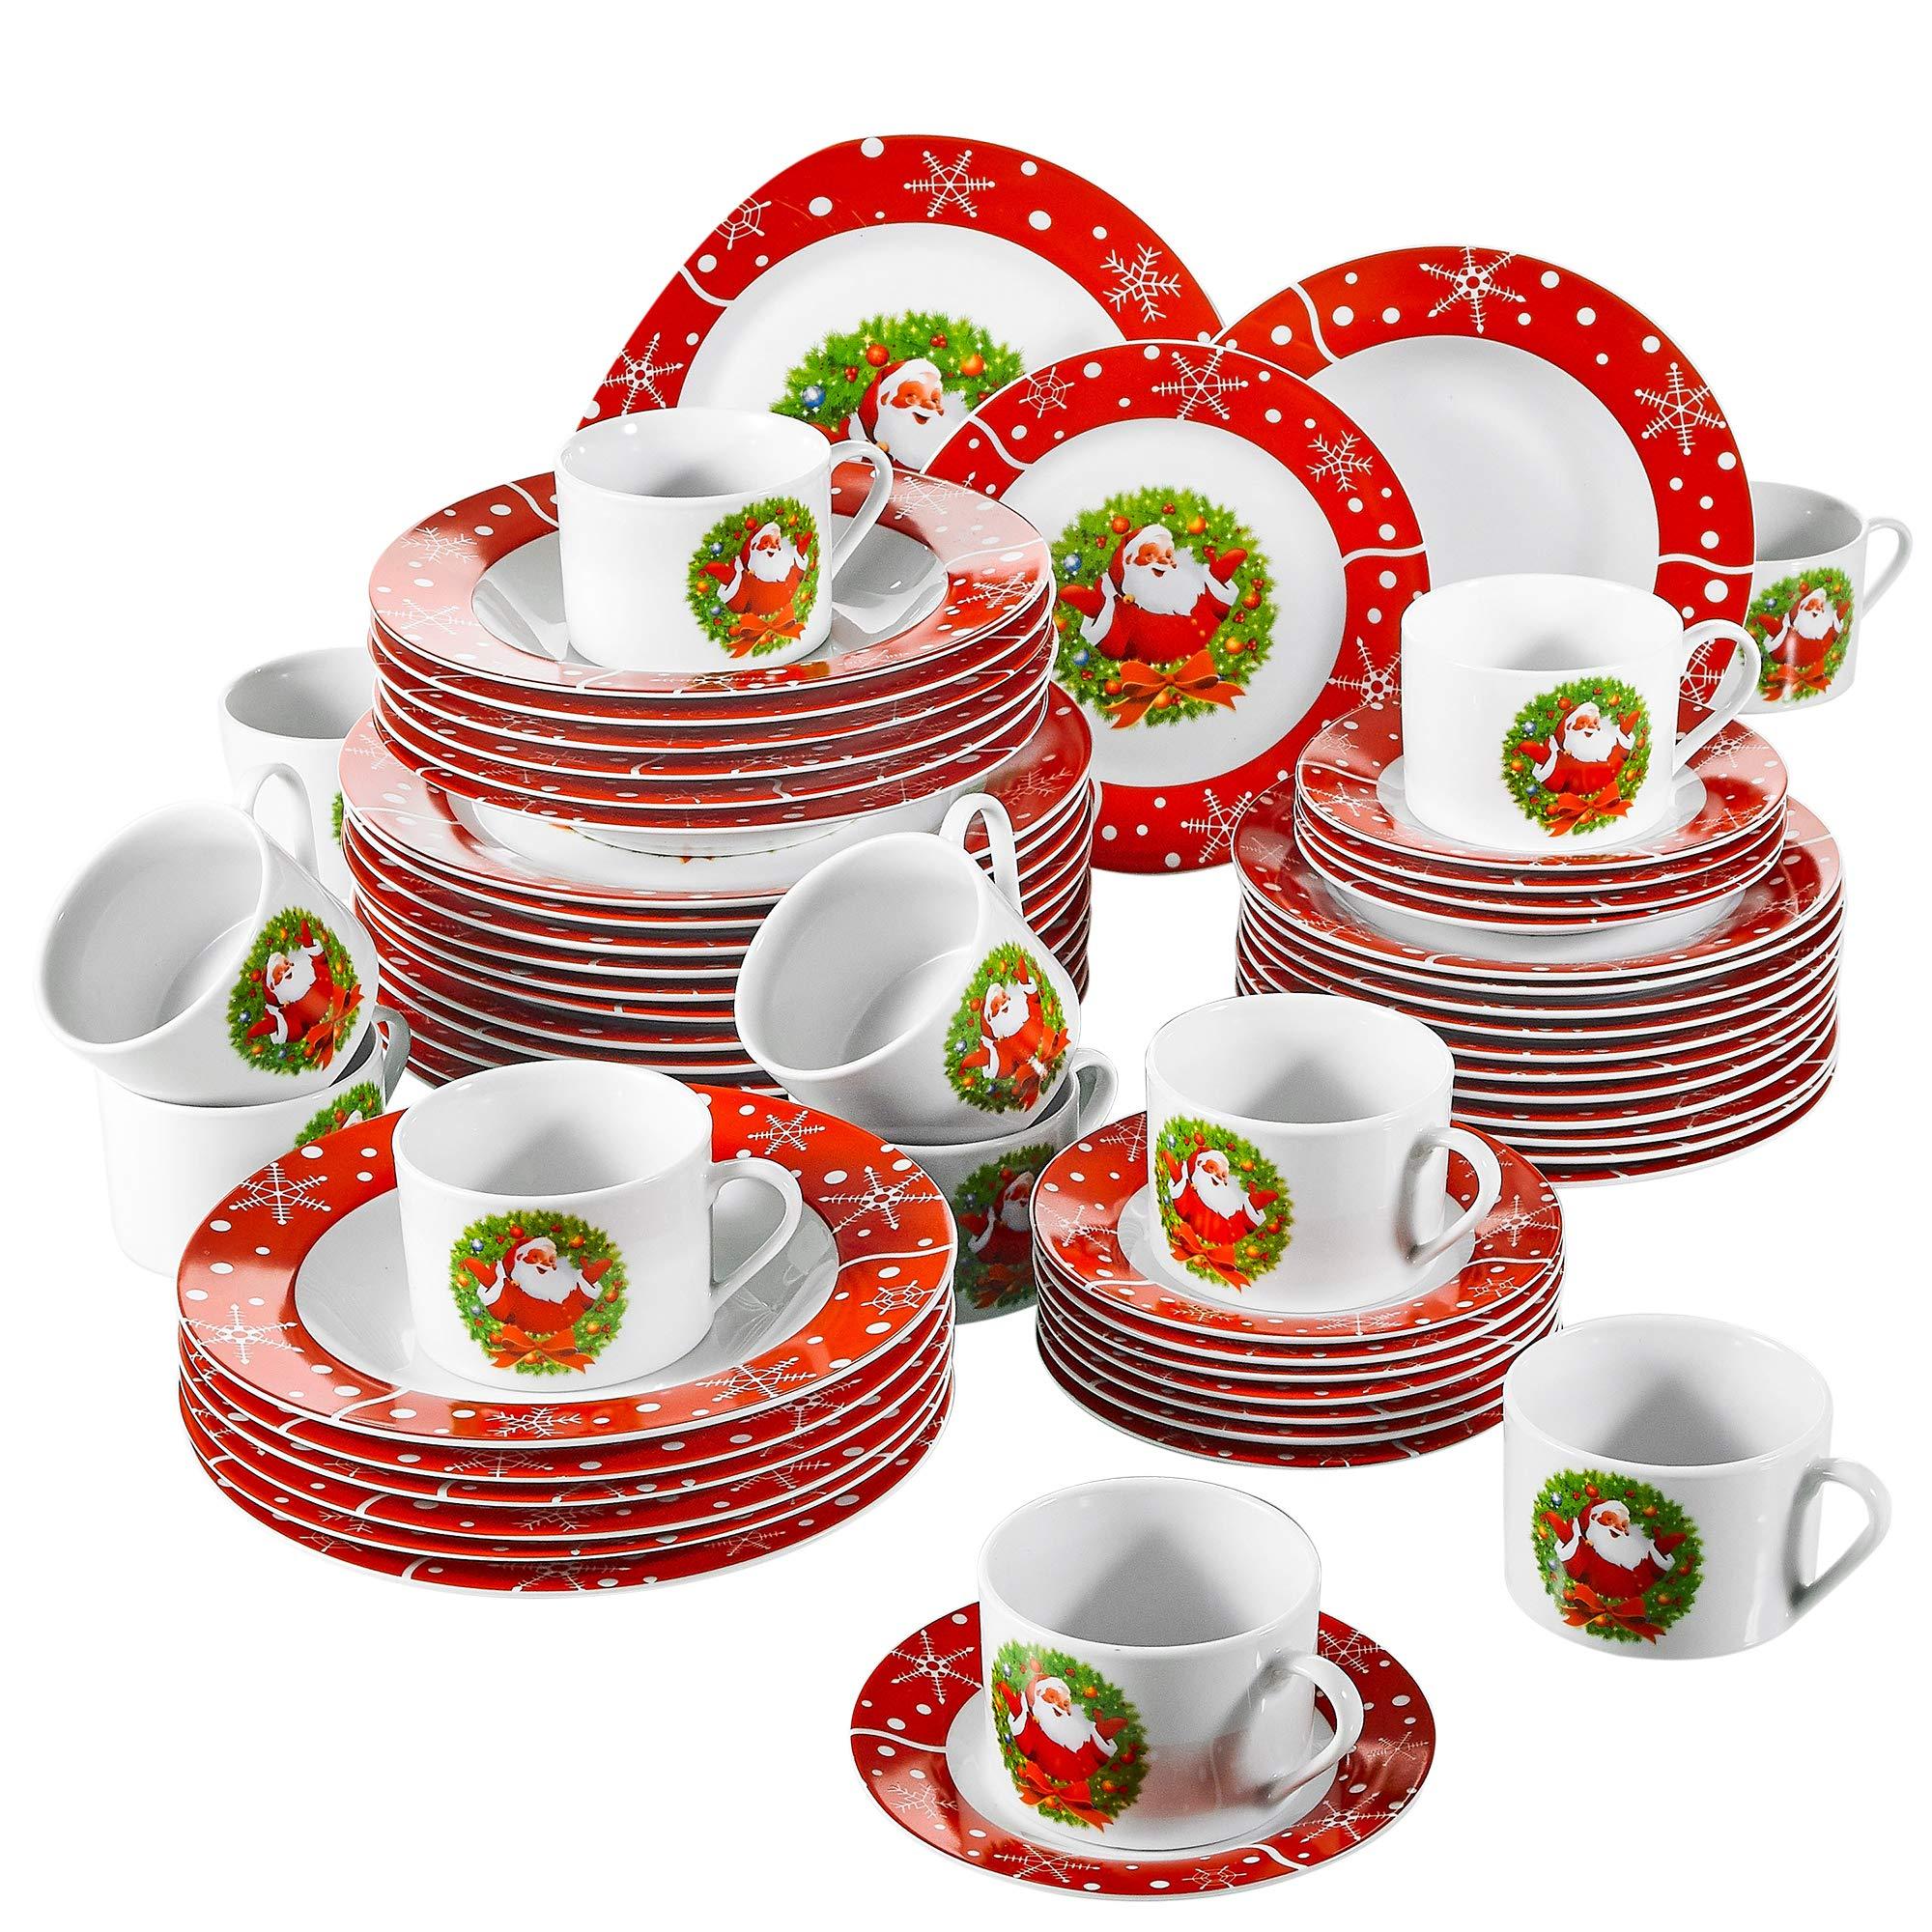 VEWEET,Serie SANTACLAUS,vajillas de Porcelana,60 Piezas vajilla Completa para 12 Personas, 12 Tazas de café, 12 platillos,12 Platos de Postre,12 Platos ...